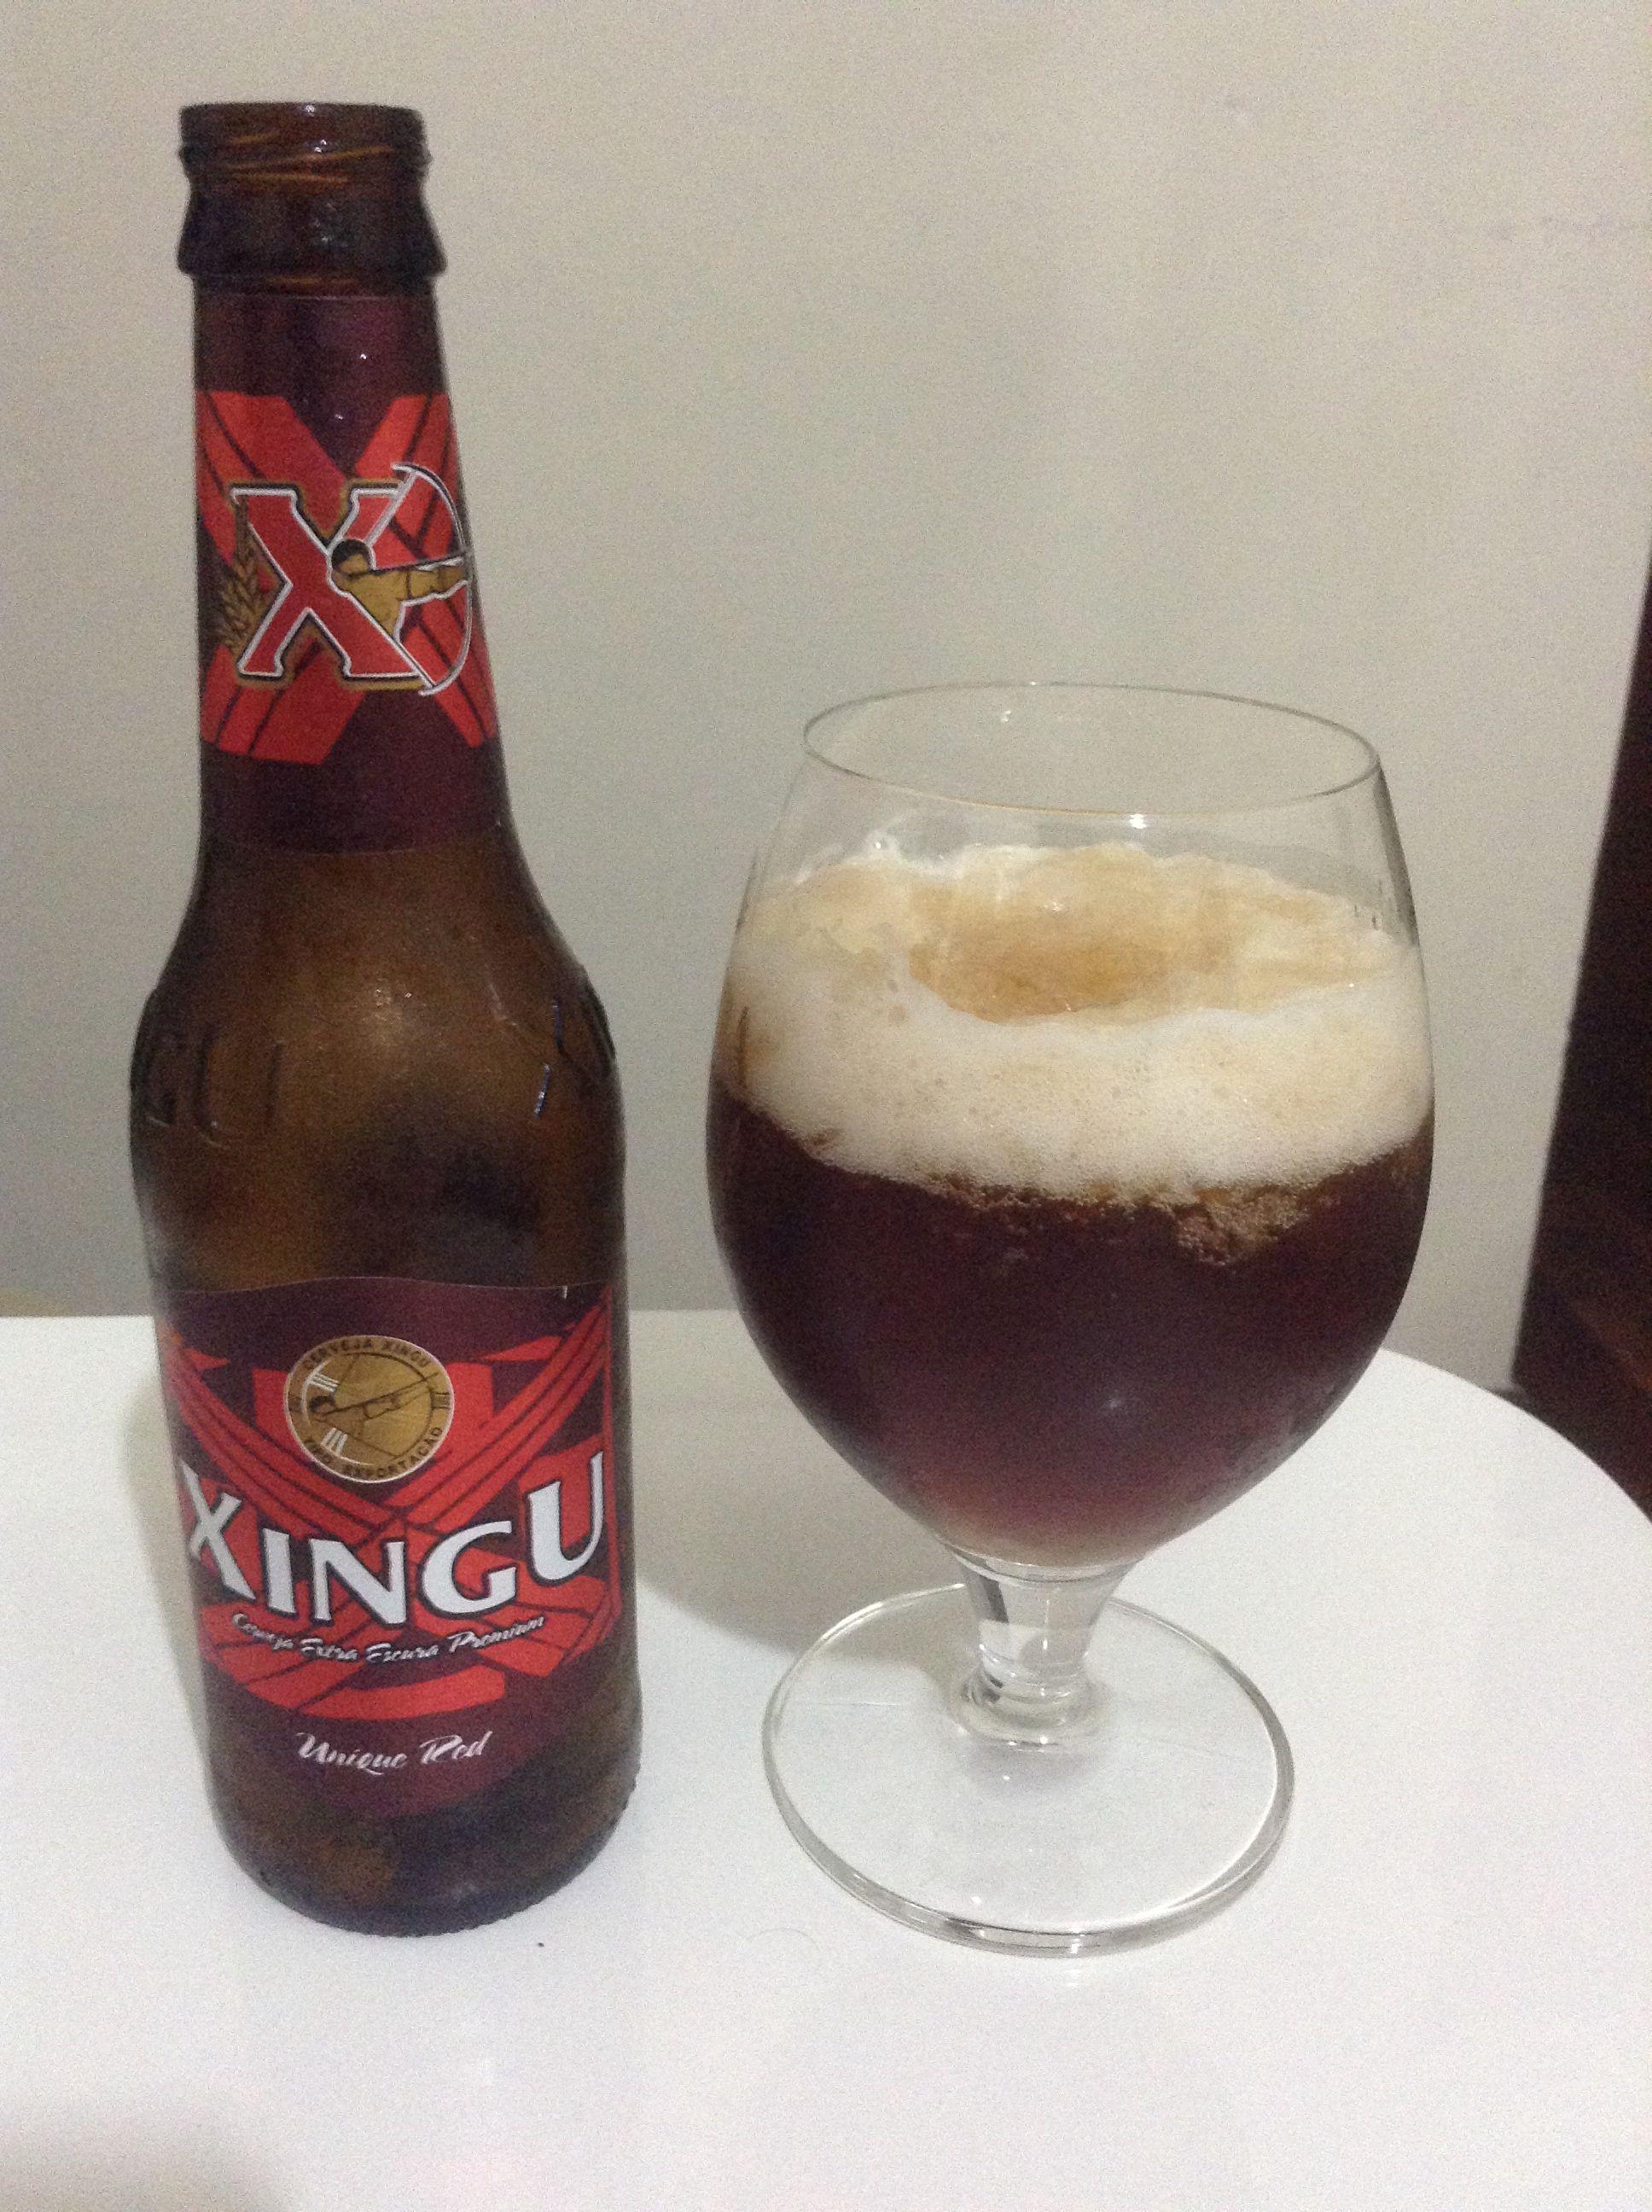 Xingu beer brazil !